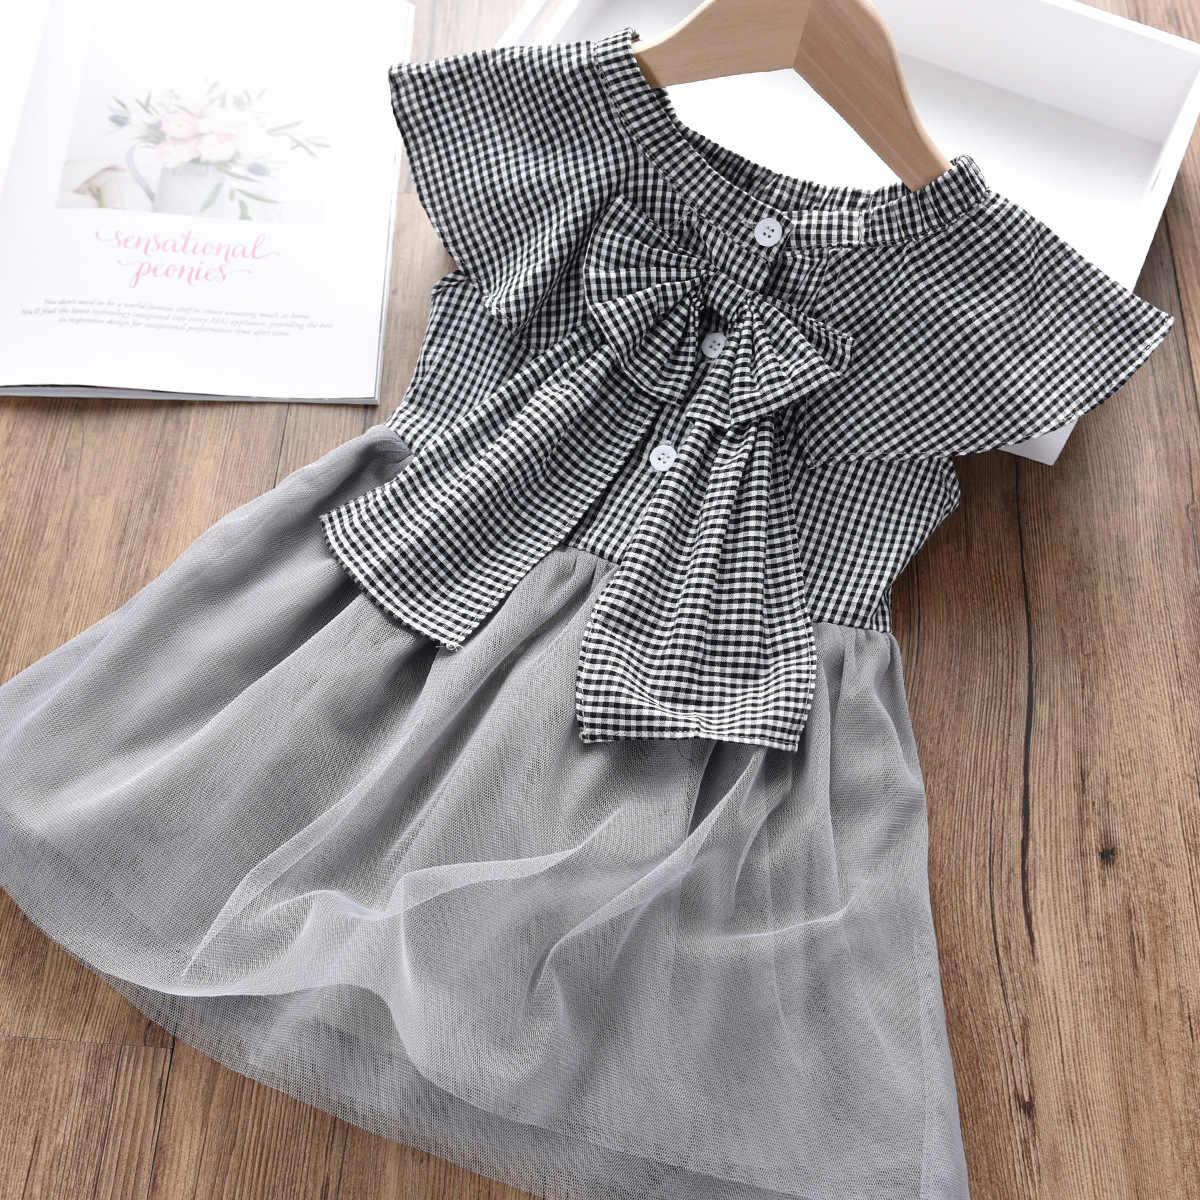 Платье-пачка для девочек платье из тюля для девочек Хлопковое платье летнее платье принцессы для девочек